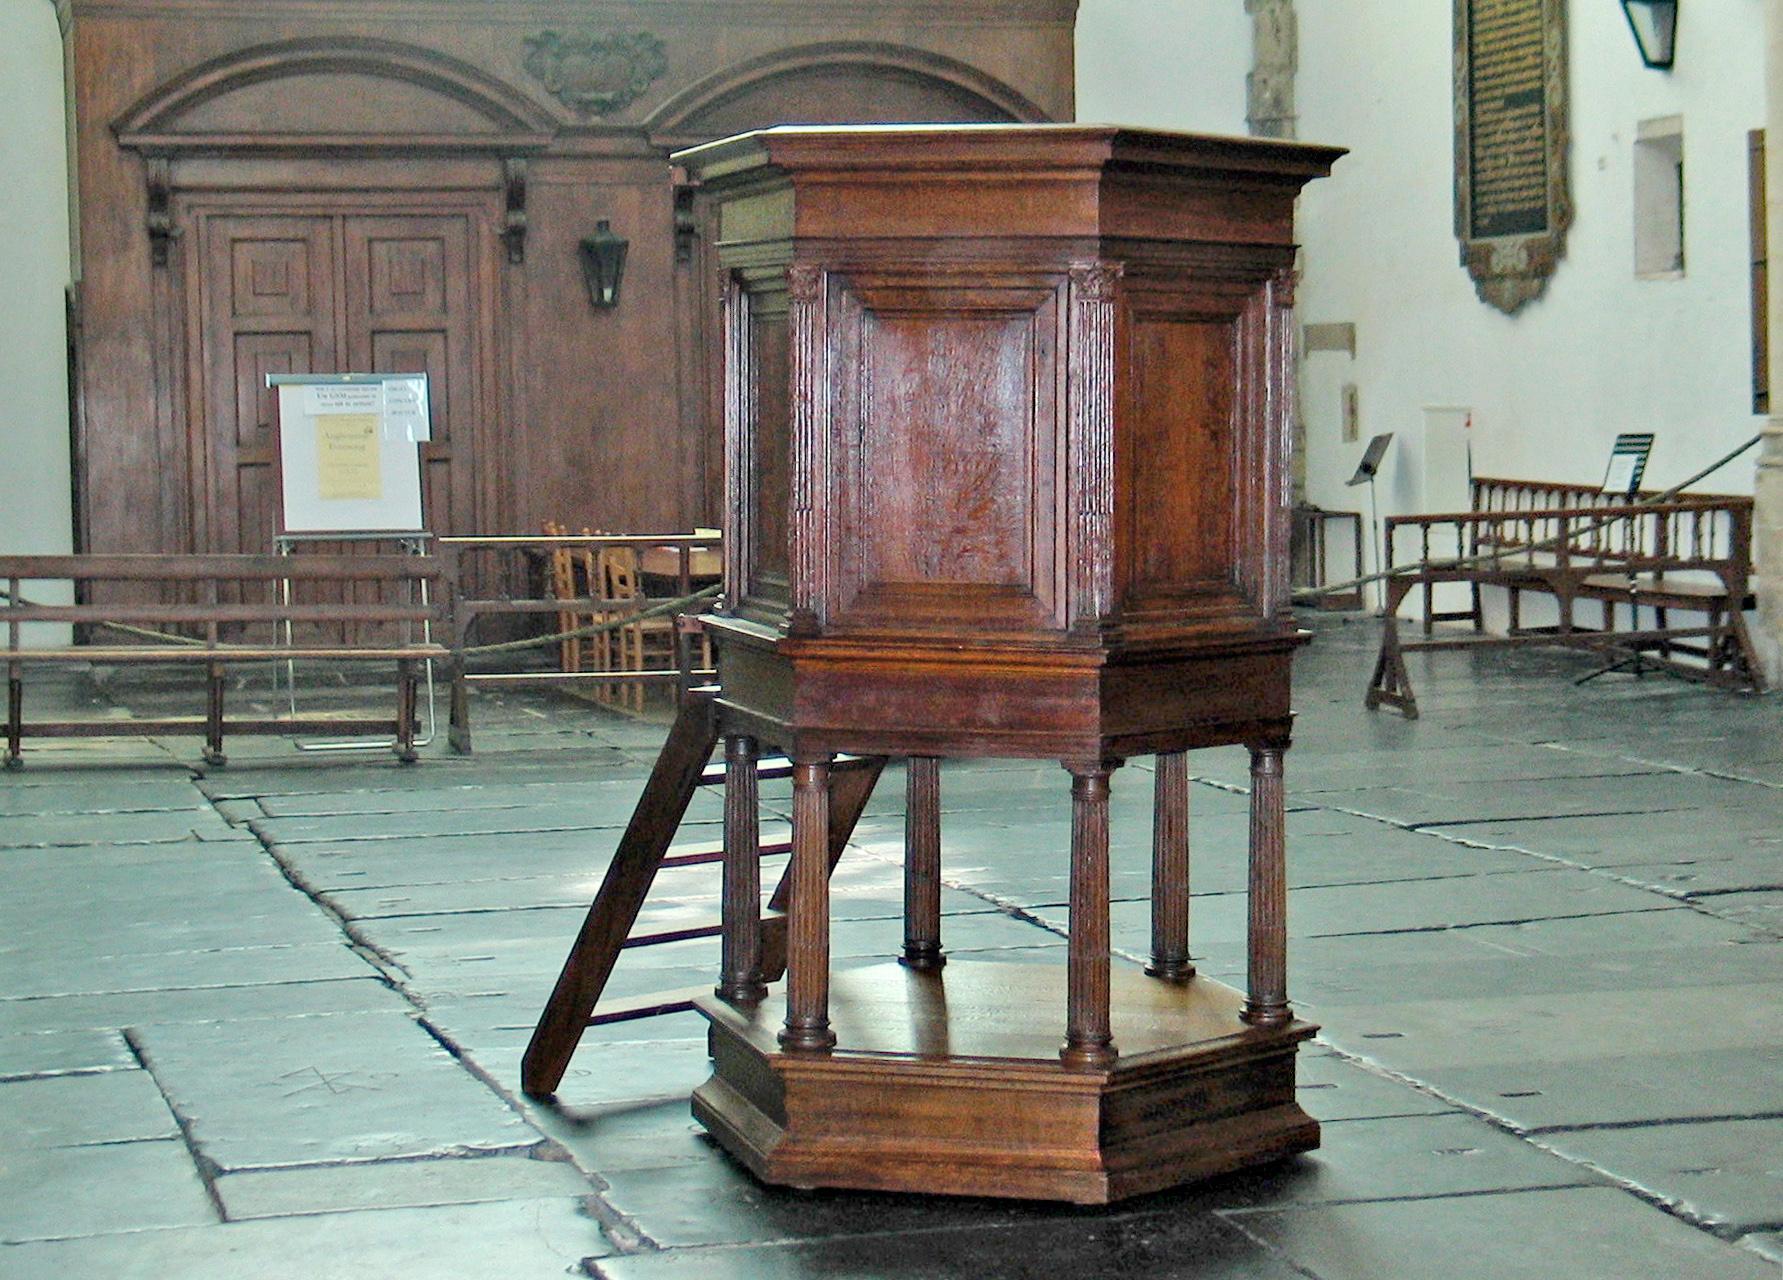 Bavokerk Haarlem, hout, restauratie, conservering, houtwerk, meubelrestauratie, restaureren, preekstoel, haarlem amsterdam